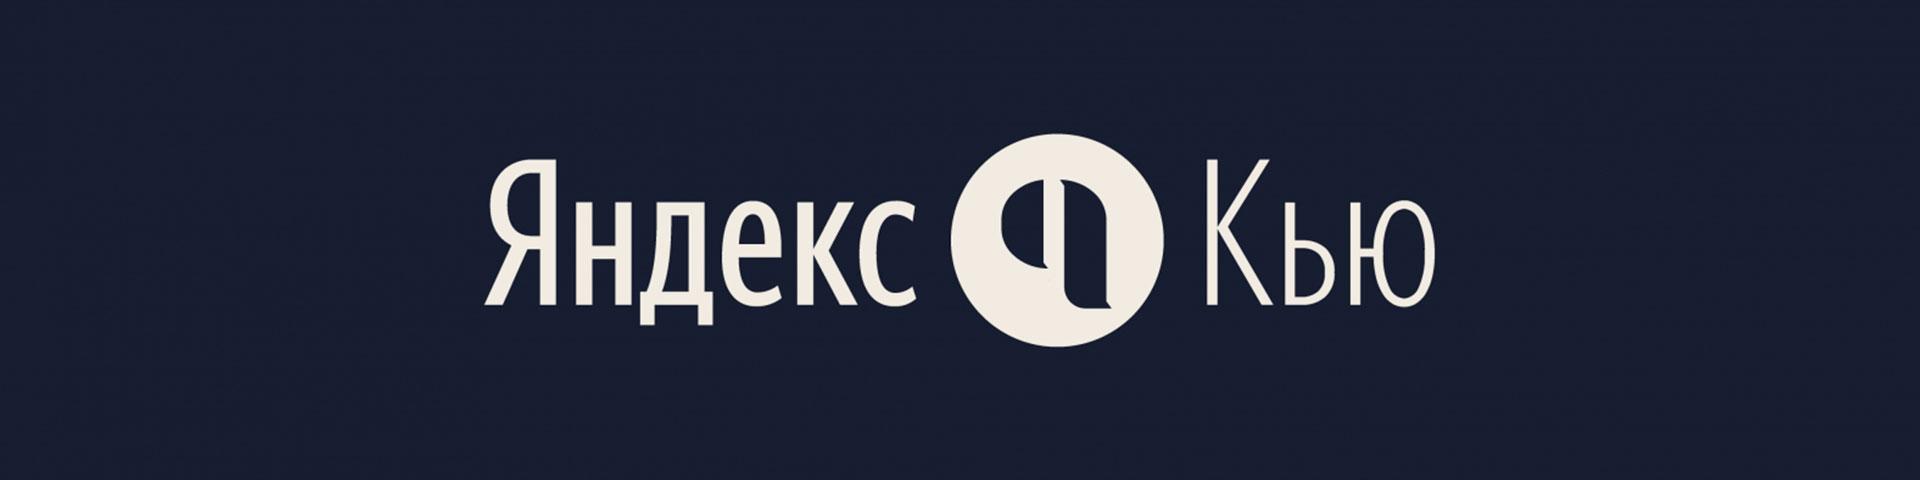 Продвижение бизнеса и создание репутации эксперта в Яндекс.Кью